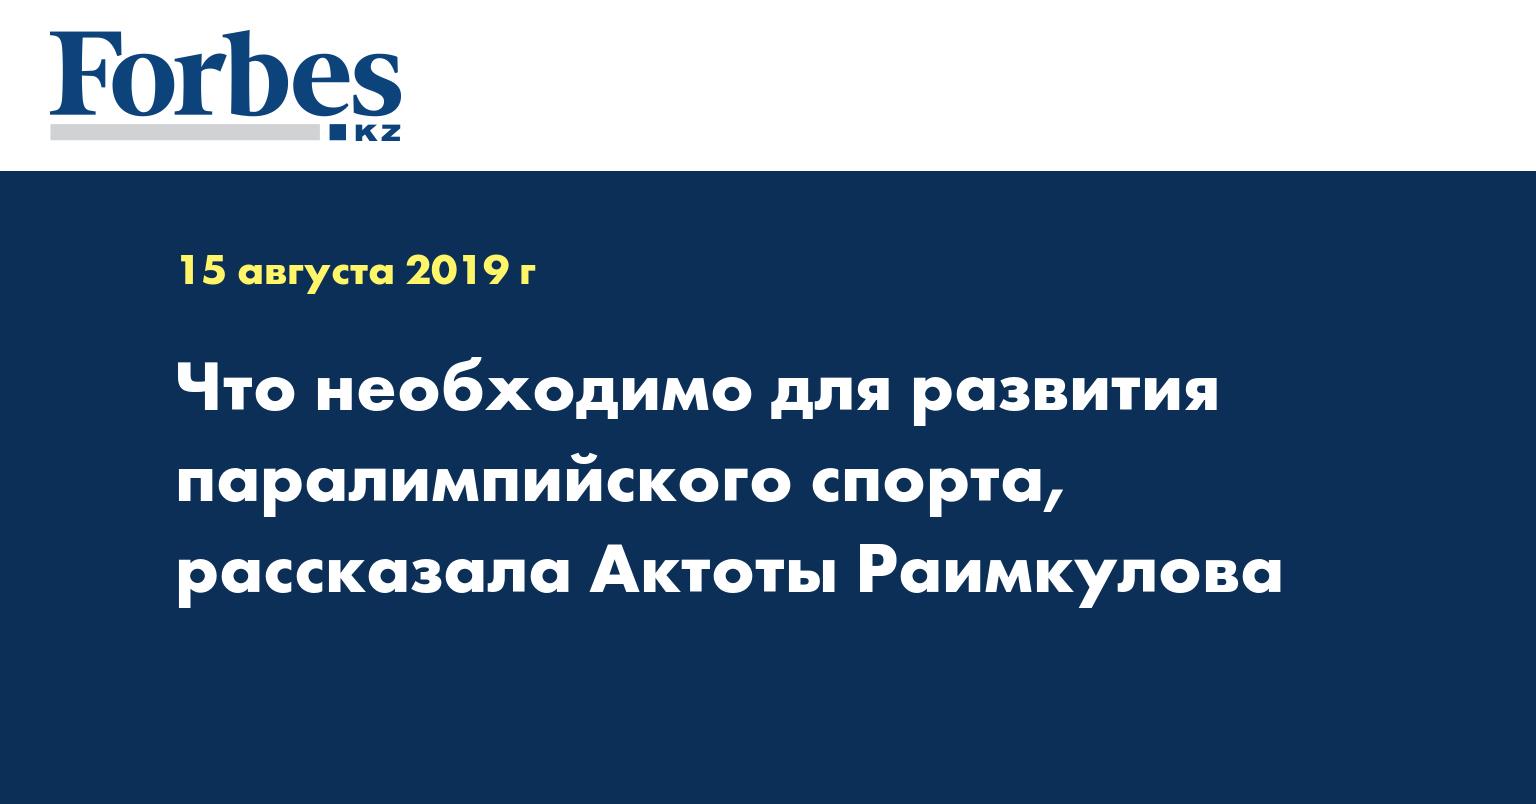 Что необходимо для развития паралимпийского спорта, рассказала Актоты Раимкулова